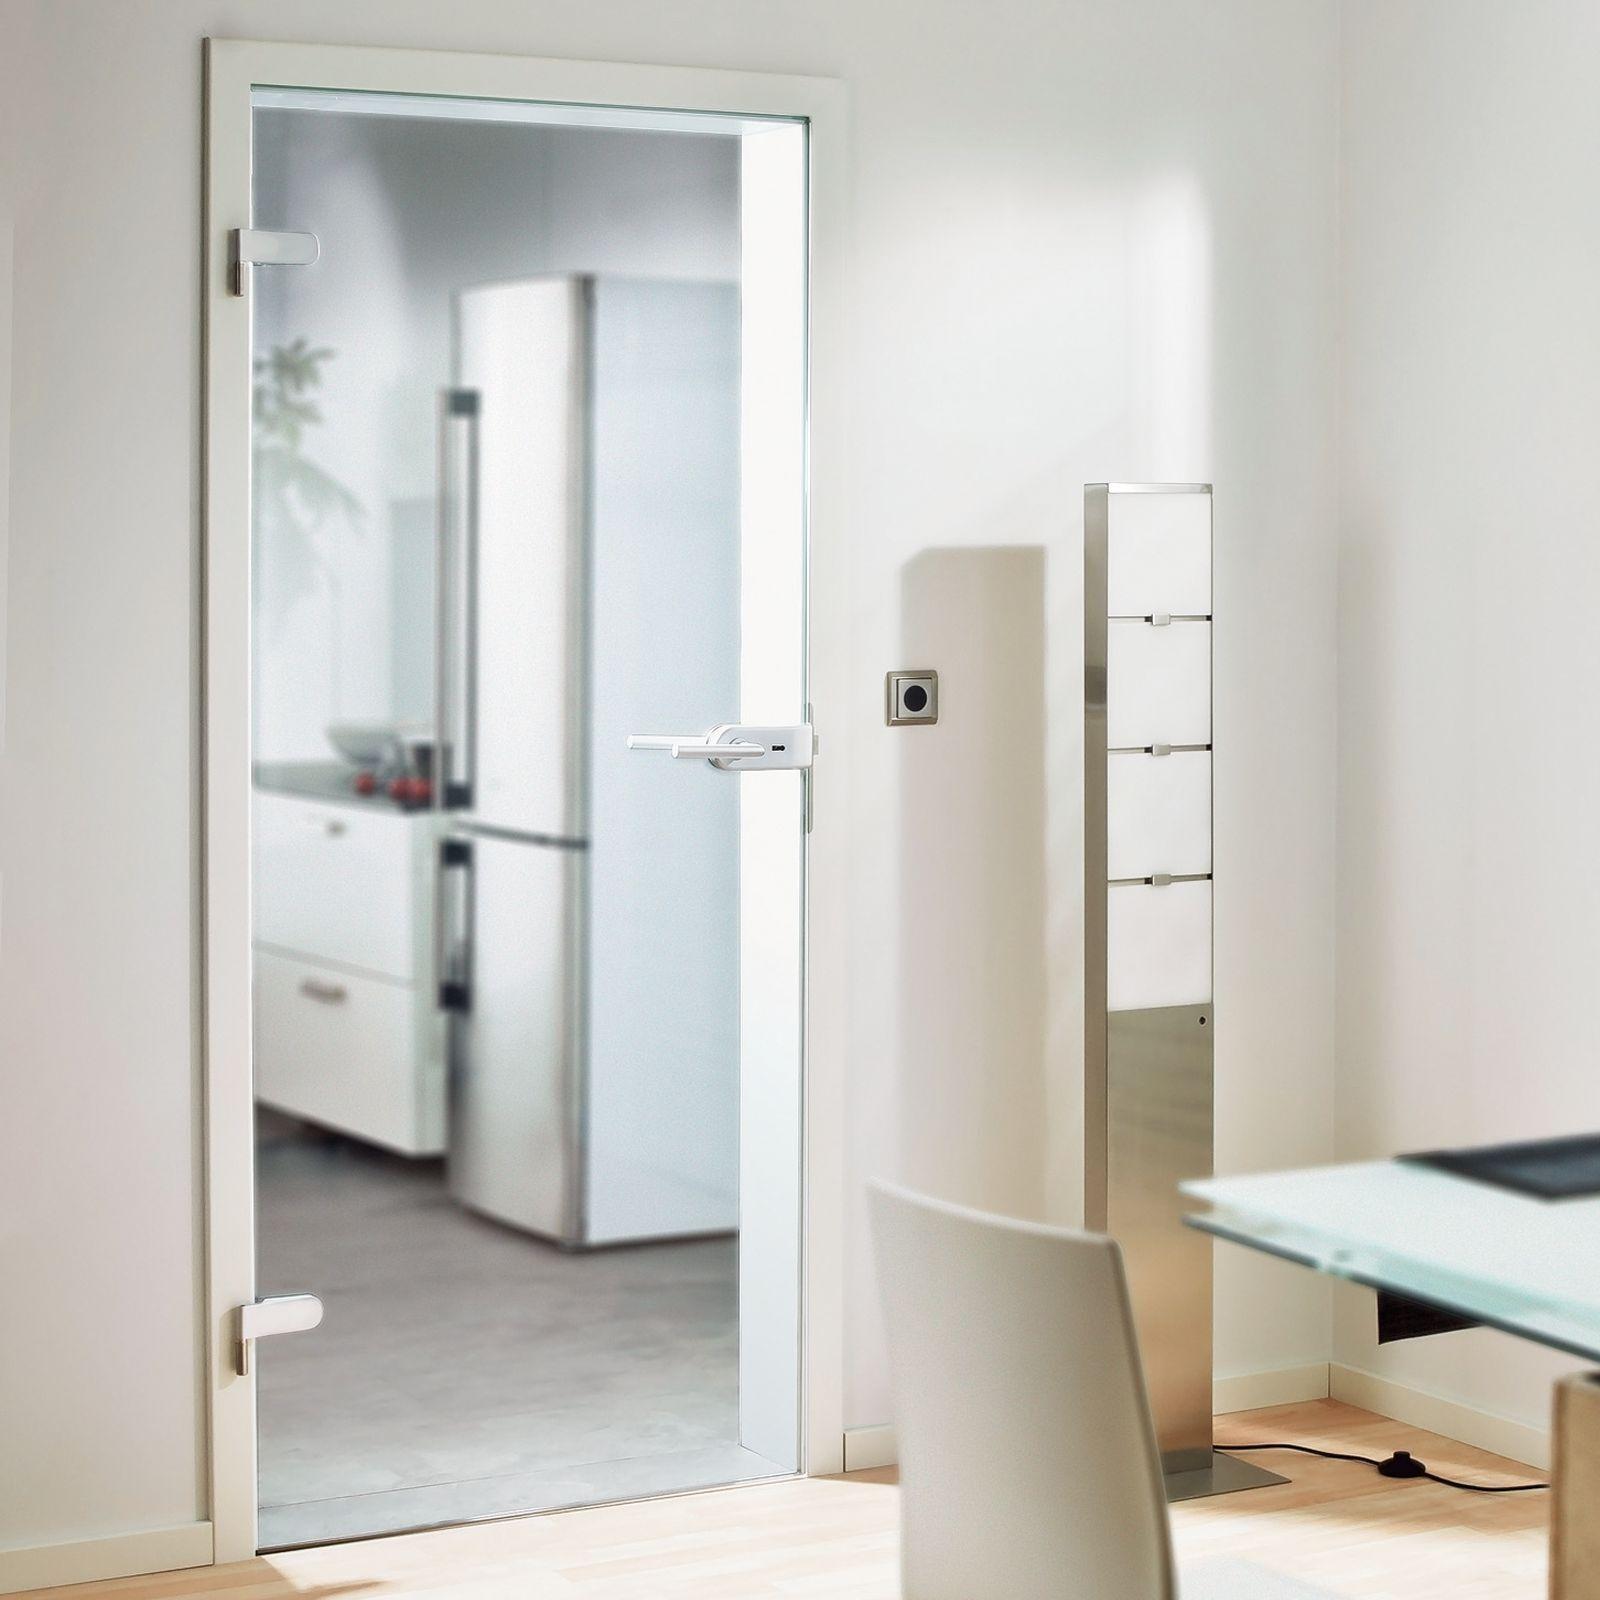 Glastür Zimmertür Raumtrenner Glas Innentür Tür aus Sicherheitsglas